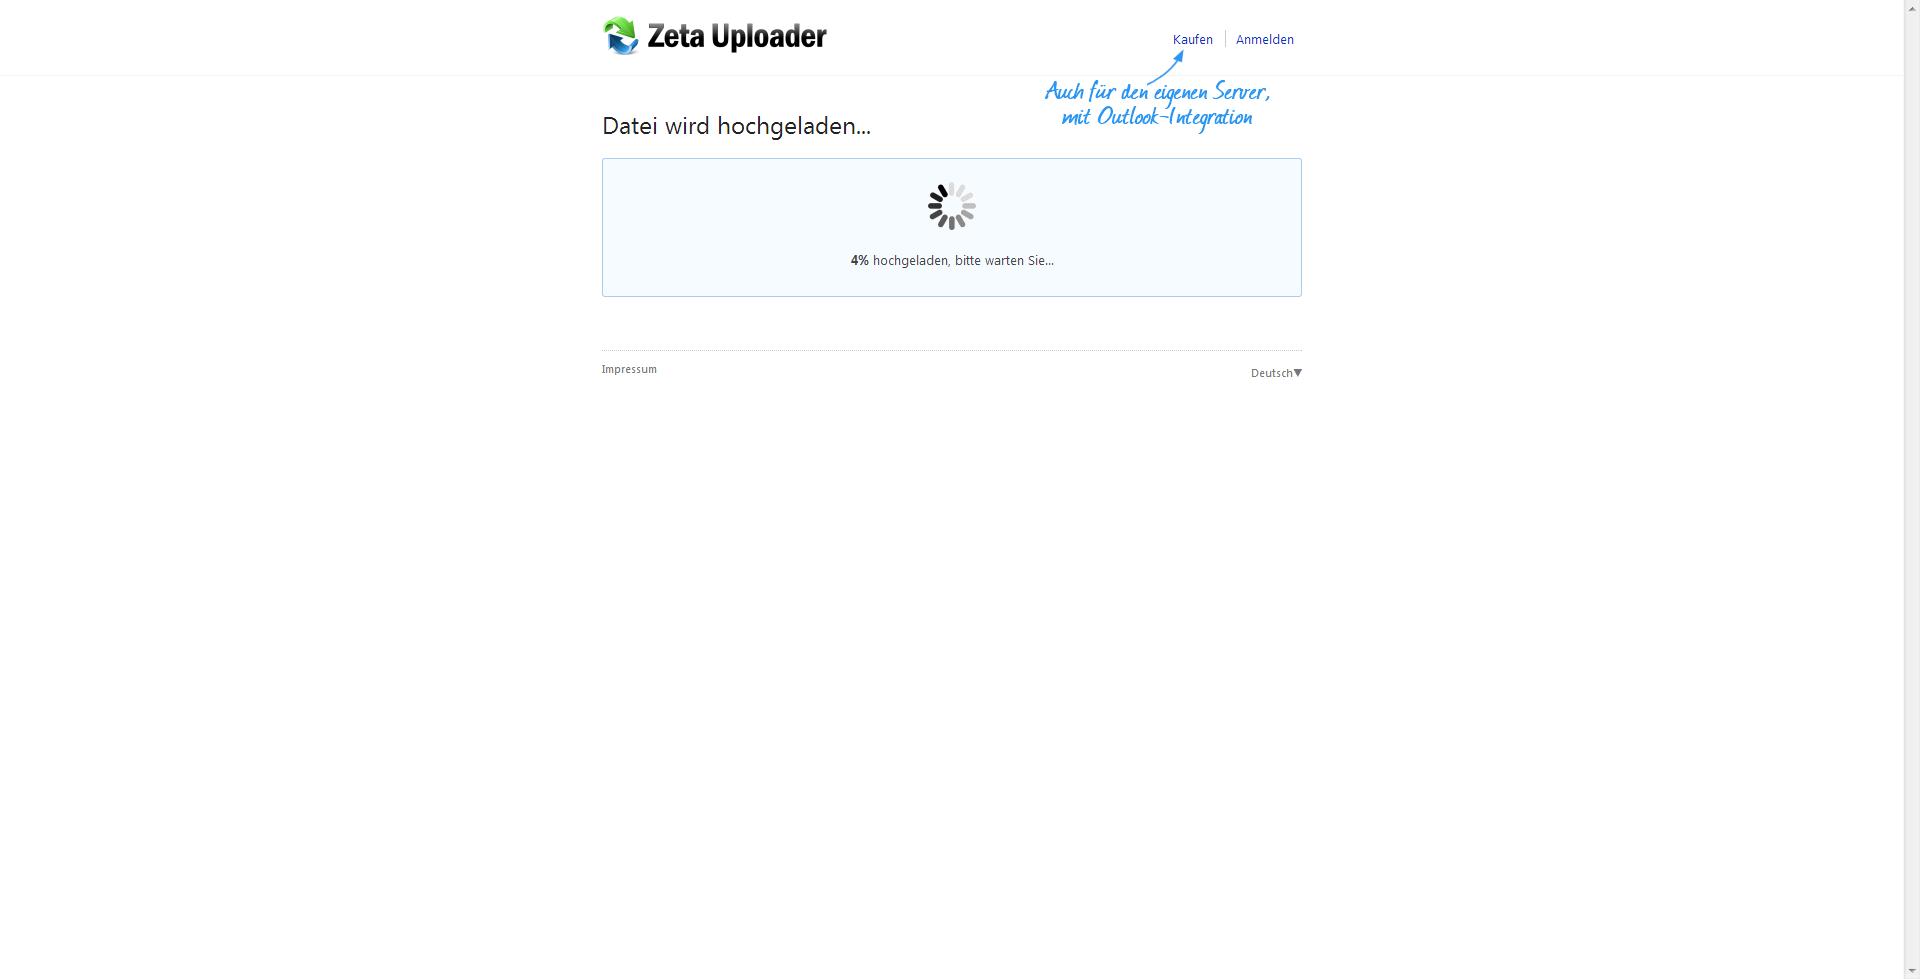 zeta-uploader-upload-470.png?nocache=1371720471826